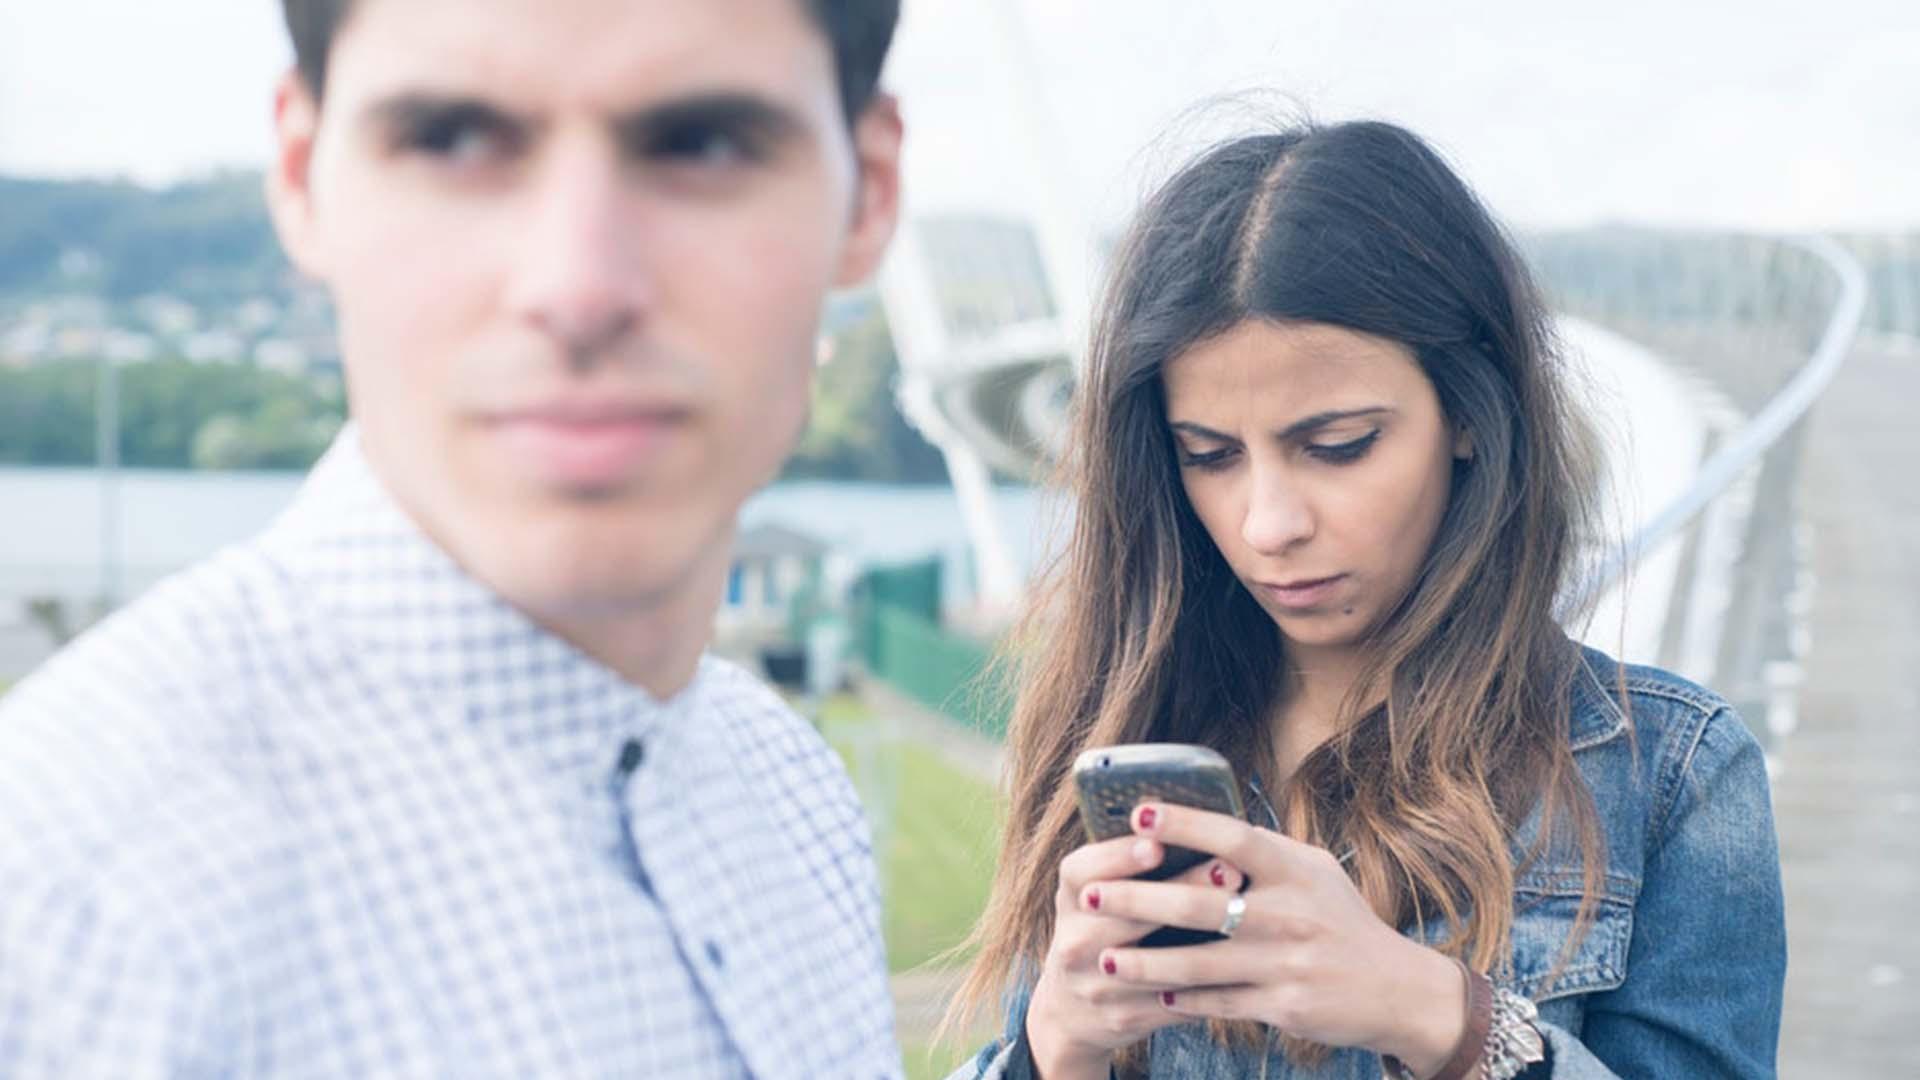 Innamorarsi ai tempi delle app